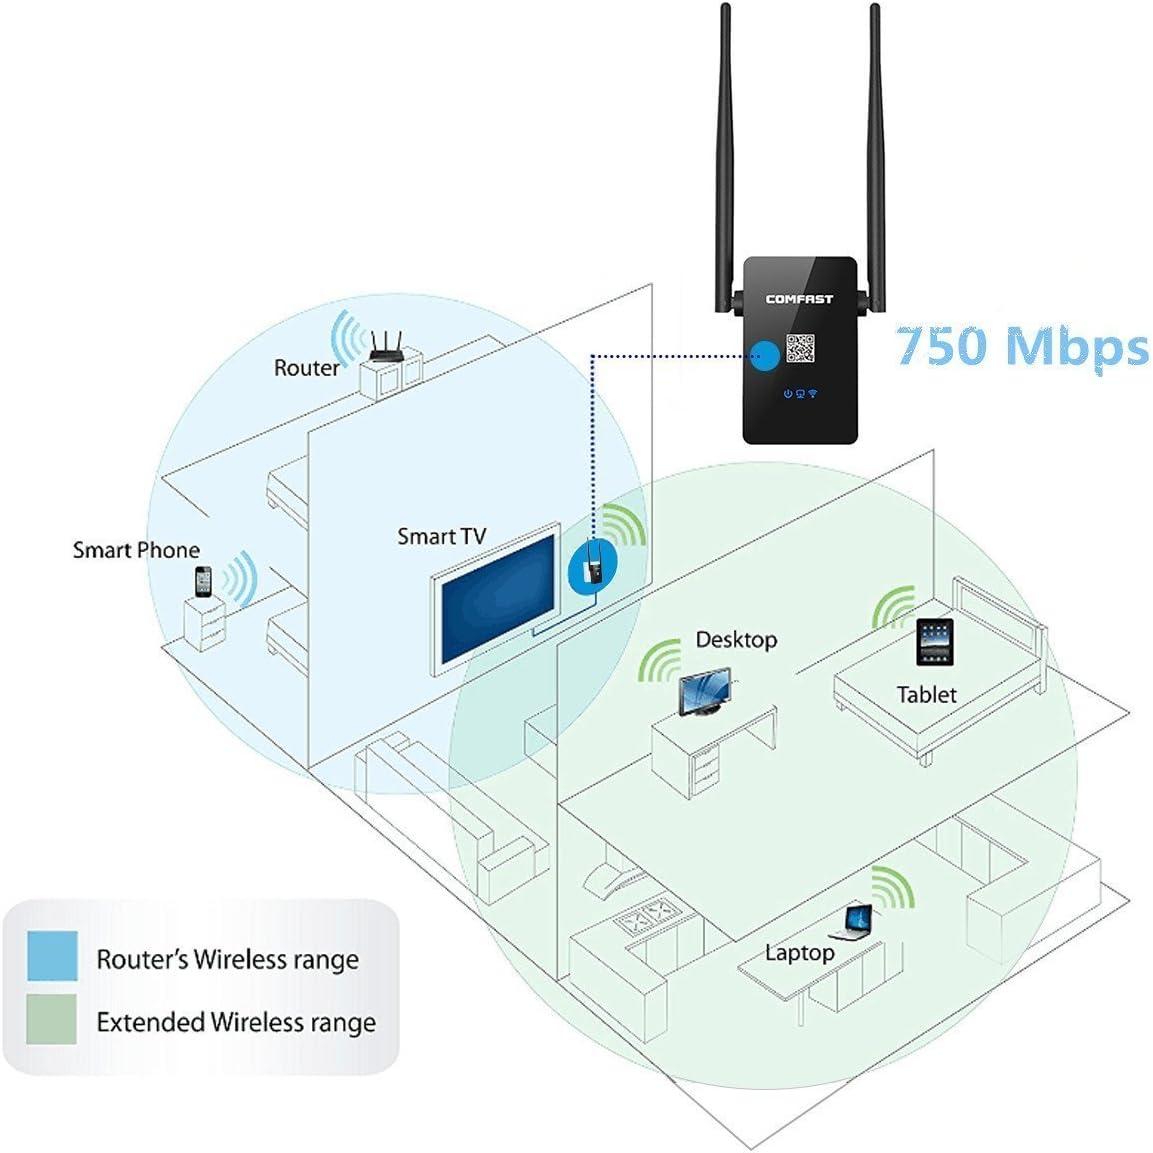 Meco WiFi repetidor AC750 N 802.11, Mini Router, punto de acceso AP/repetidor wifi amplificador de señal, amplia el alcance del WiFi.